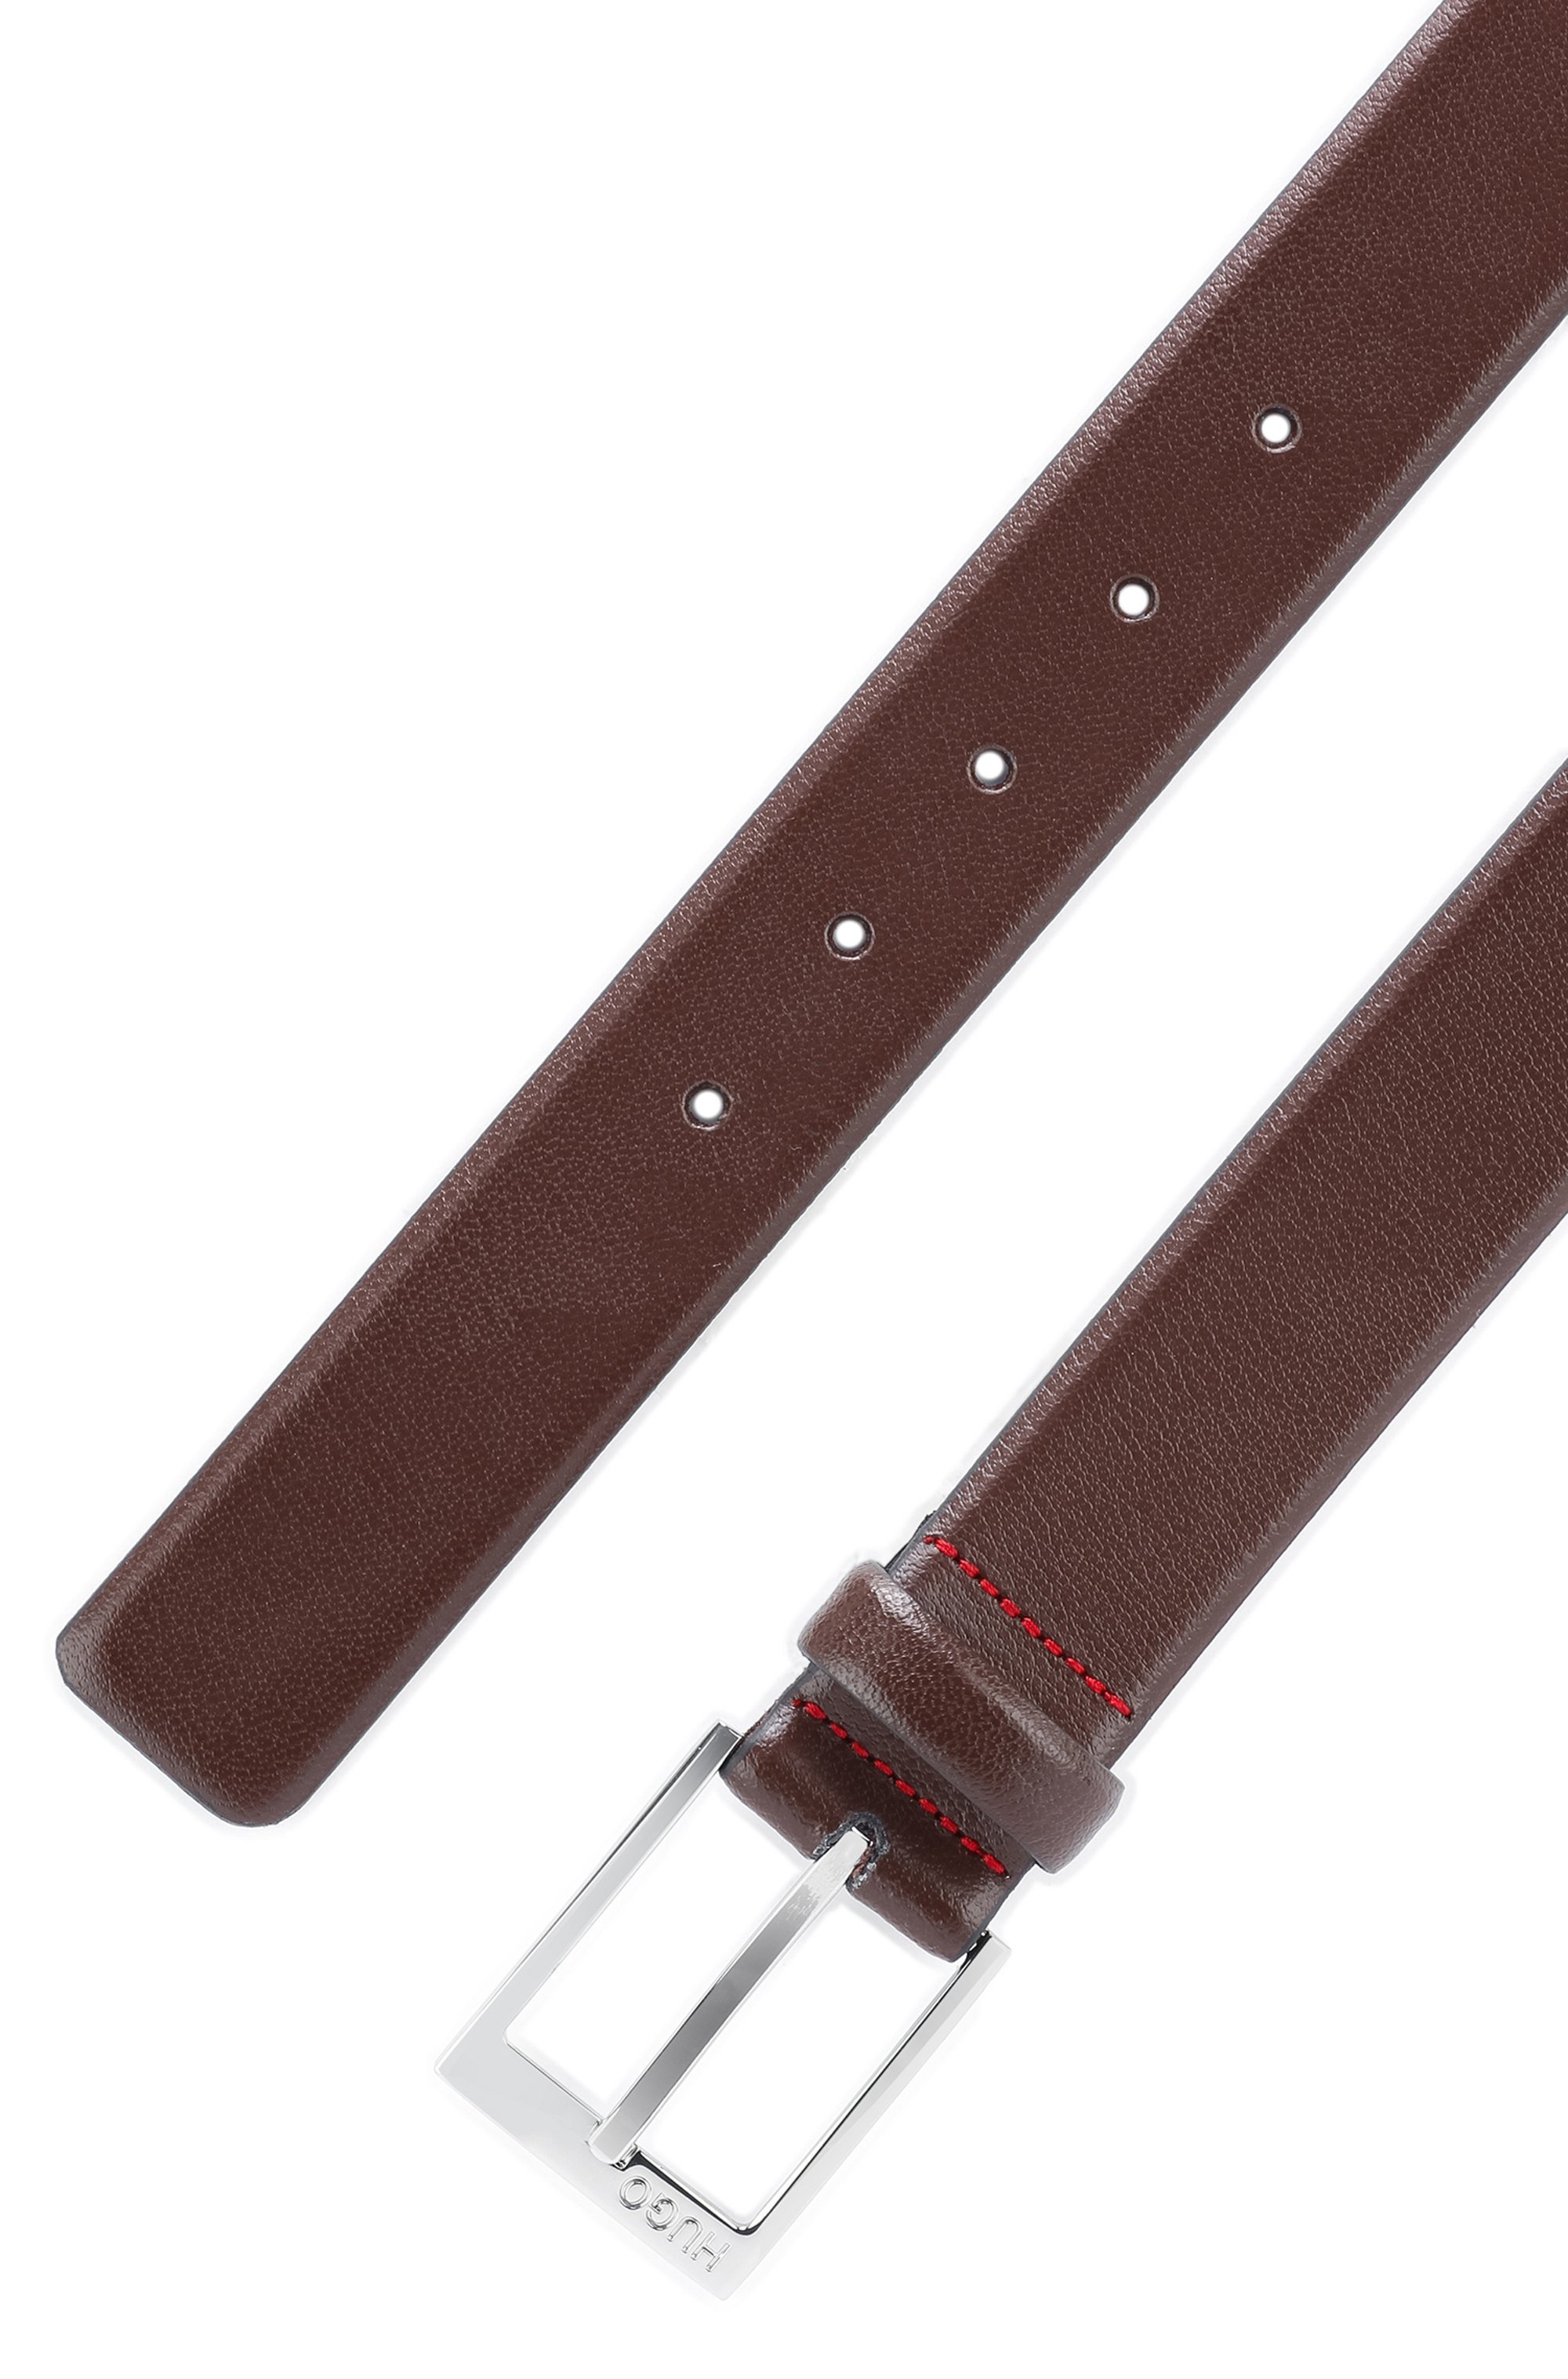 Gürtel aus genarbtem Leder mit Logo-Gravur an der Schließe